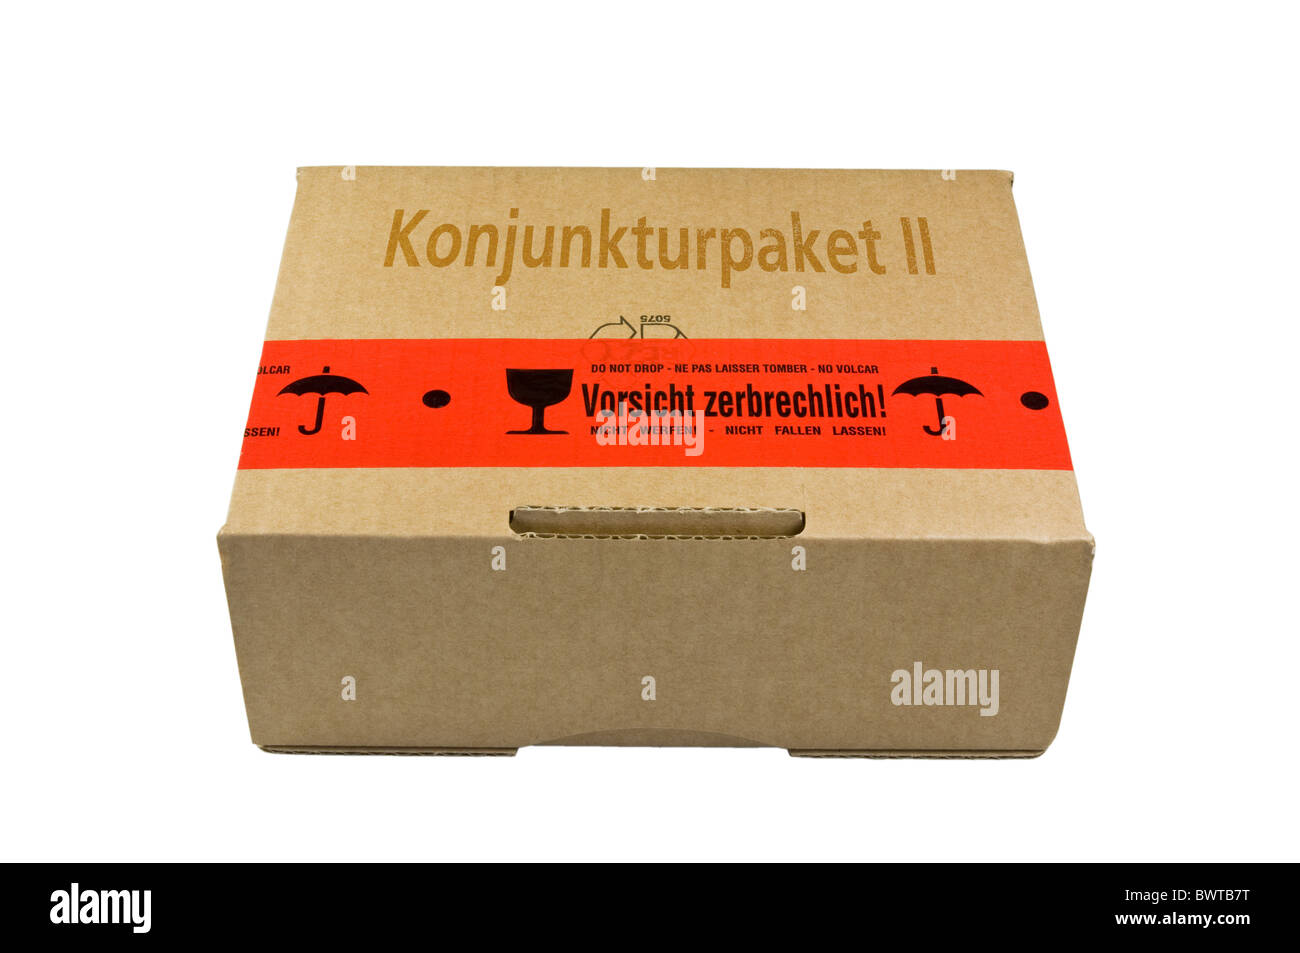 Package Konjunkturpaket II Stock Photo